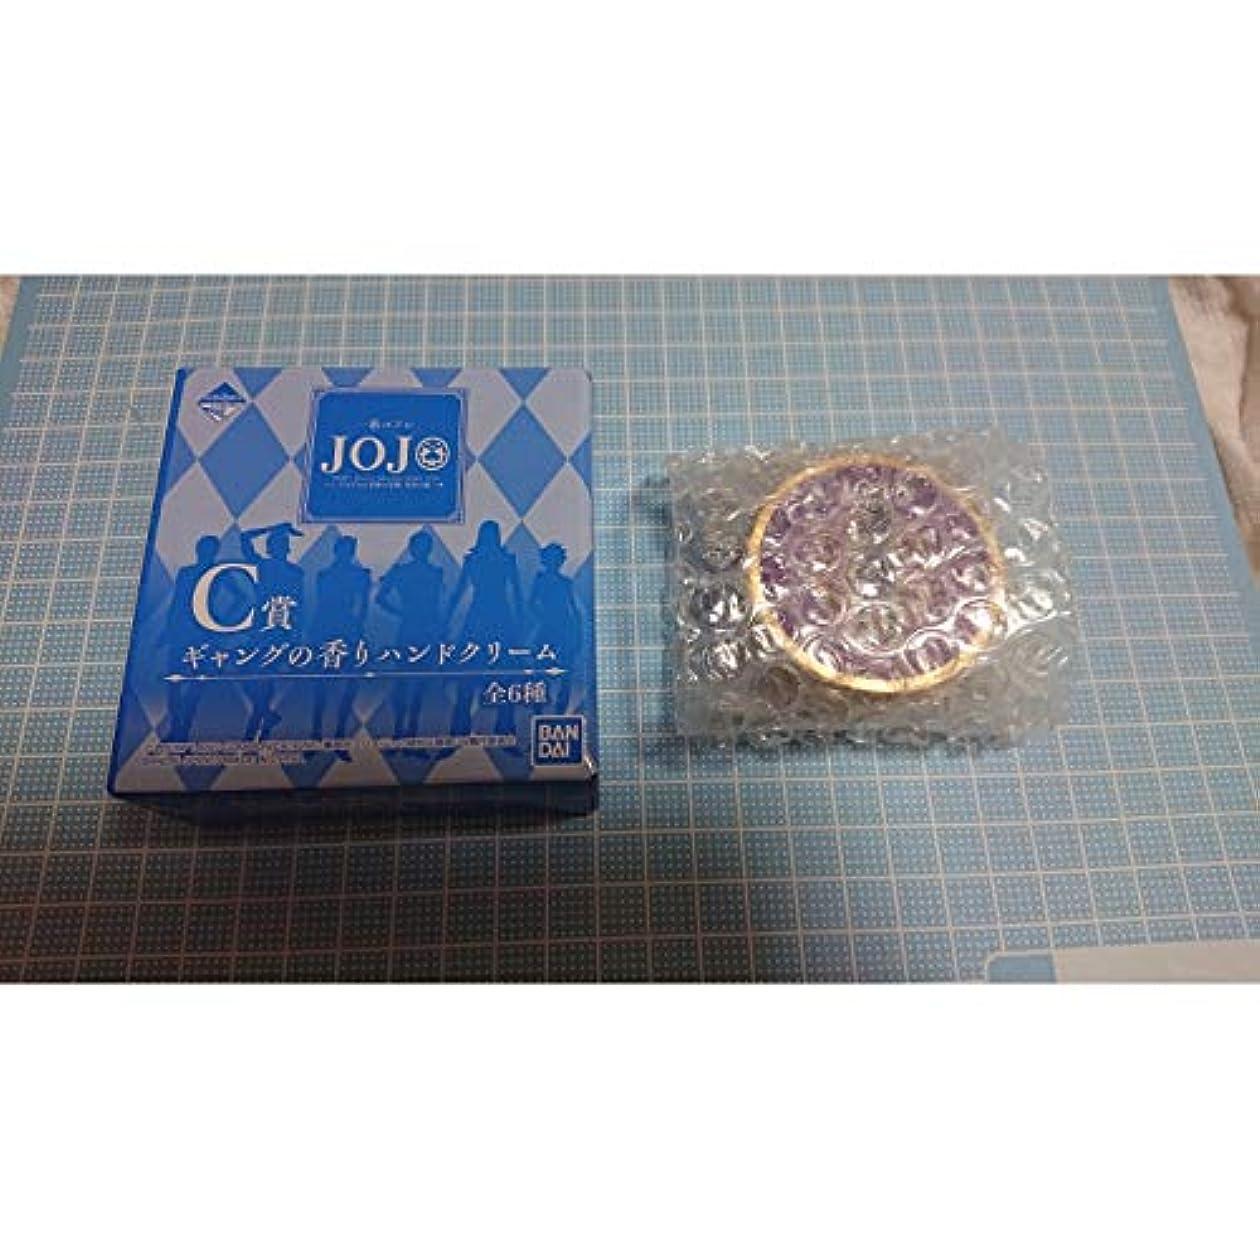 マッシュバケツおっと一番コフレ C賞 ハンドクリーム アバッキオ